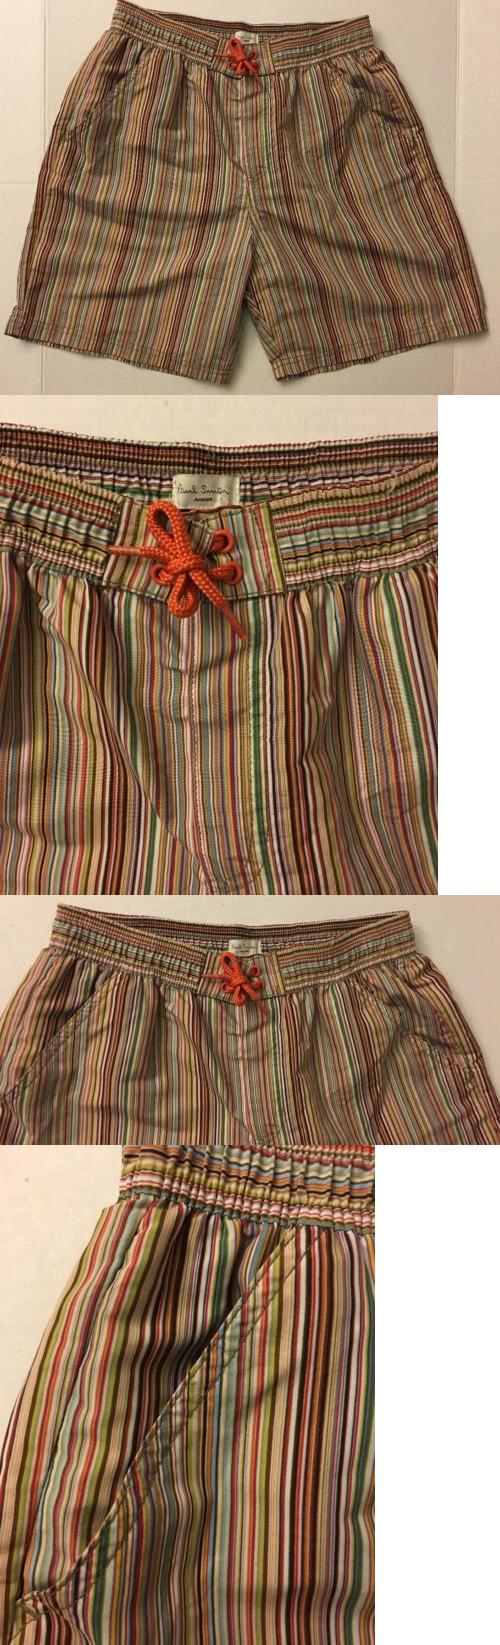 836d9dee0a Swimwear 51919: Paul Smith Junior Boys Striped Short Swim Trunk Bathing  Suit 14A Nwt -> BUY IT NOW ONLY: $99.99 on eBay!